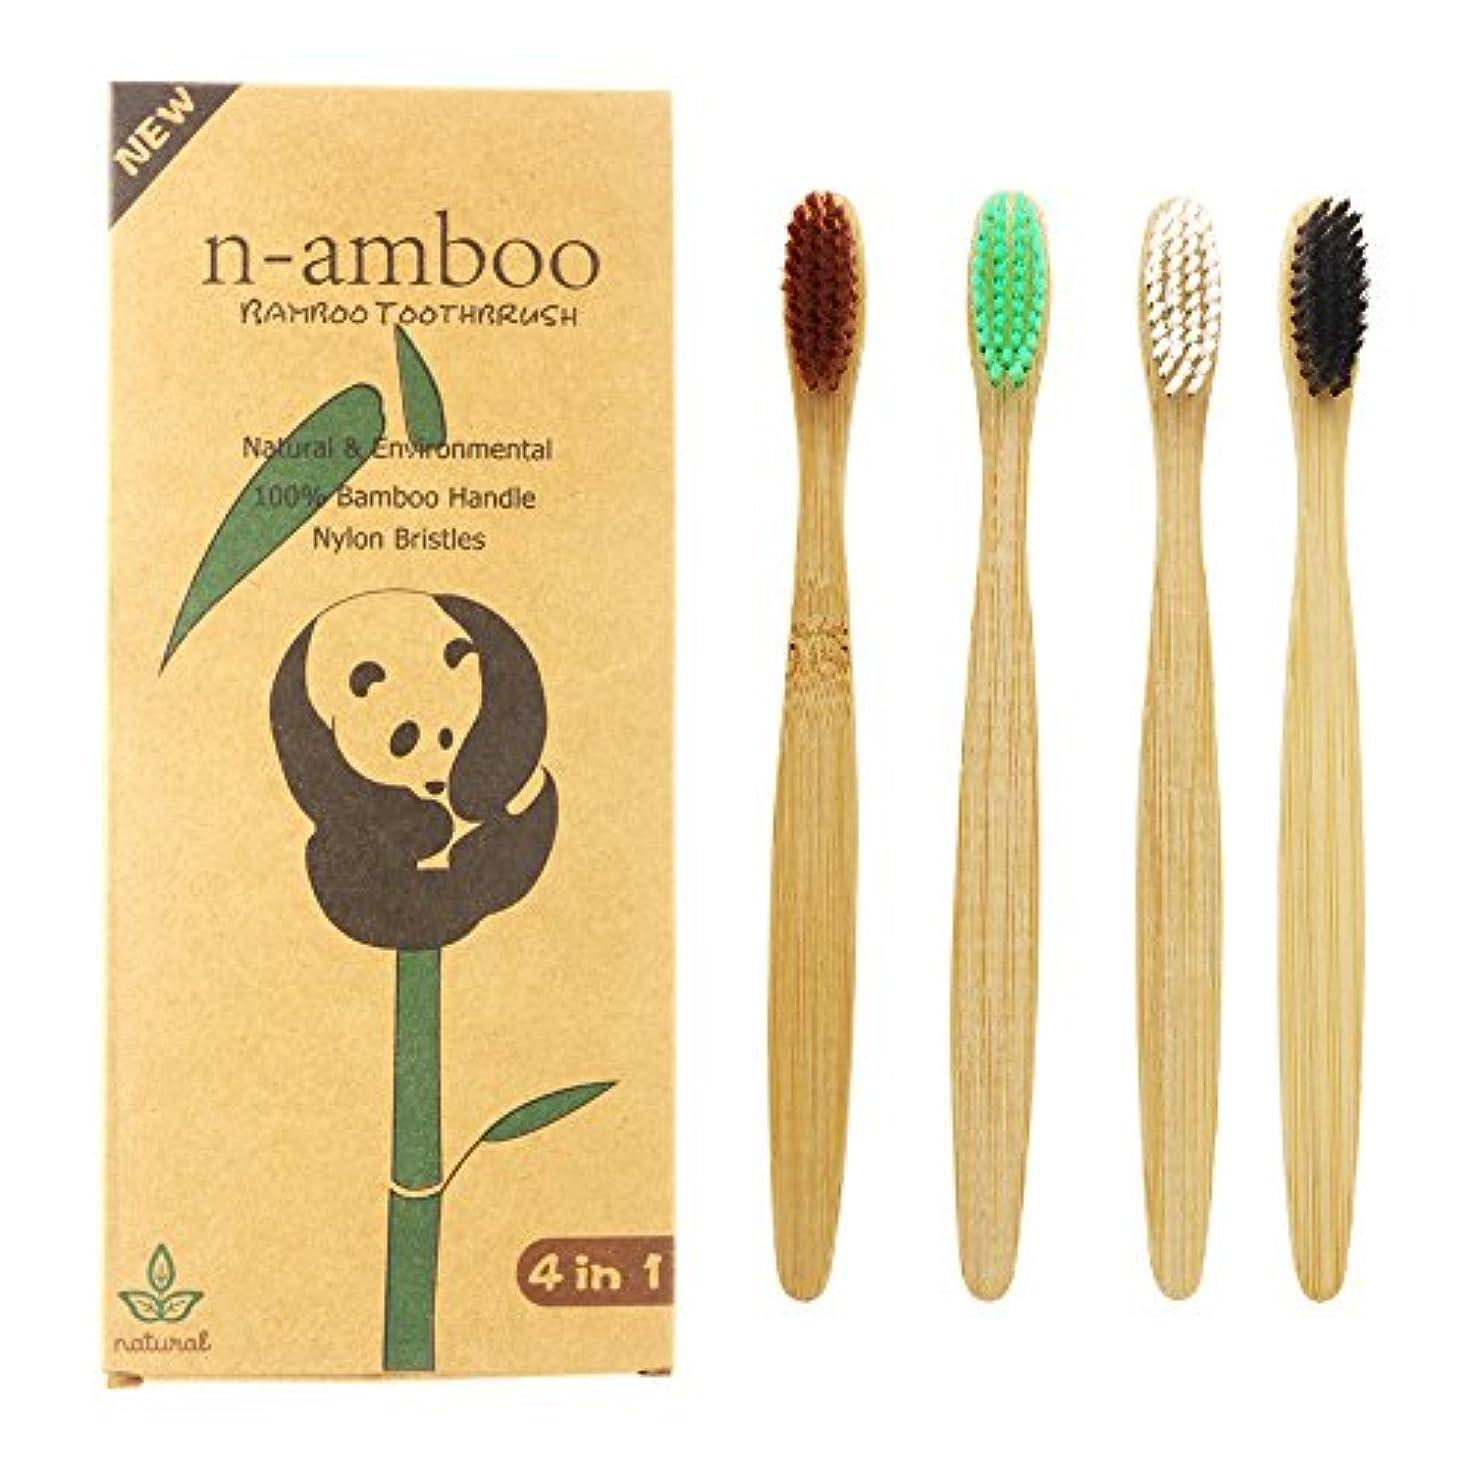 可動膨らませるを除くN-amboo 竹製 歯ブラシ 高耐久性 4種類 4色セット エコ 軽量 4本入りセット